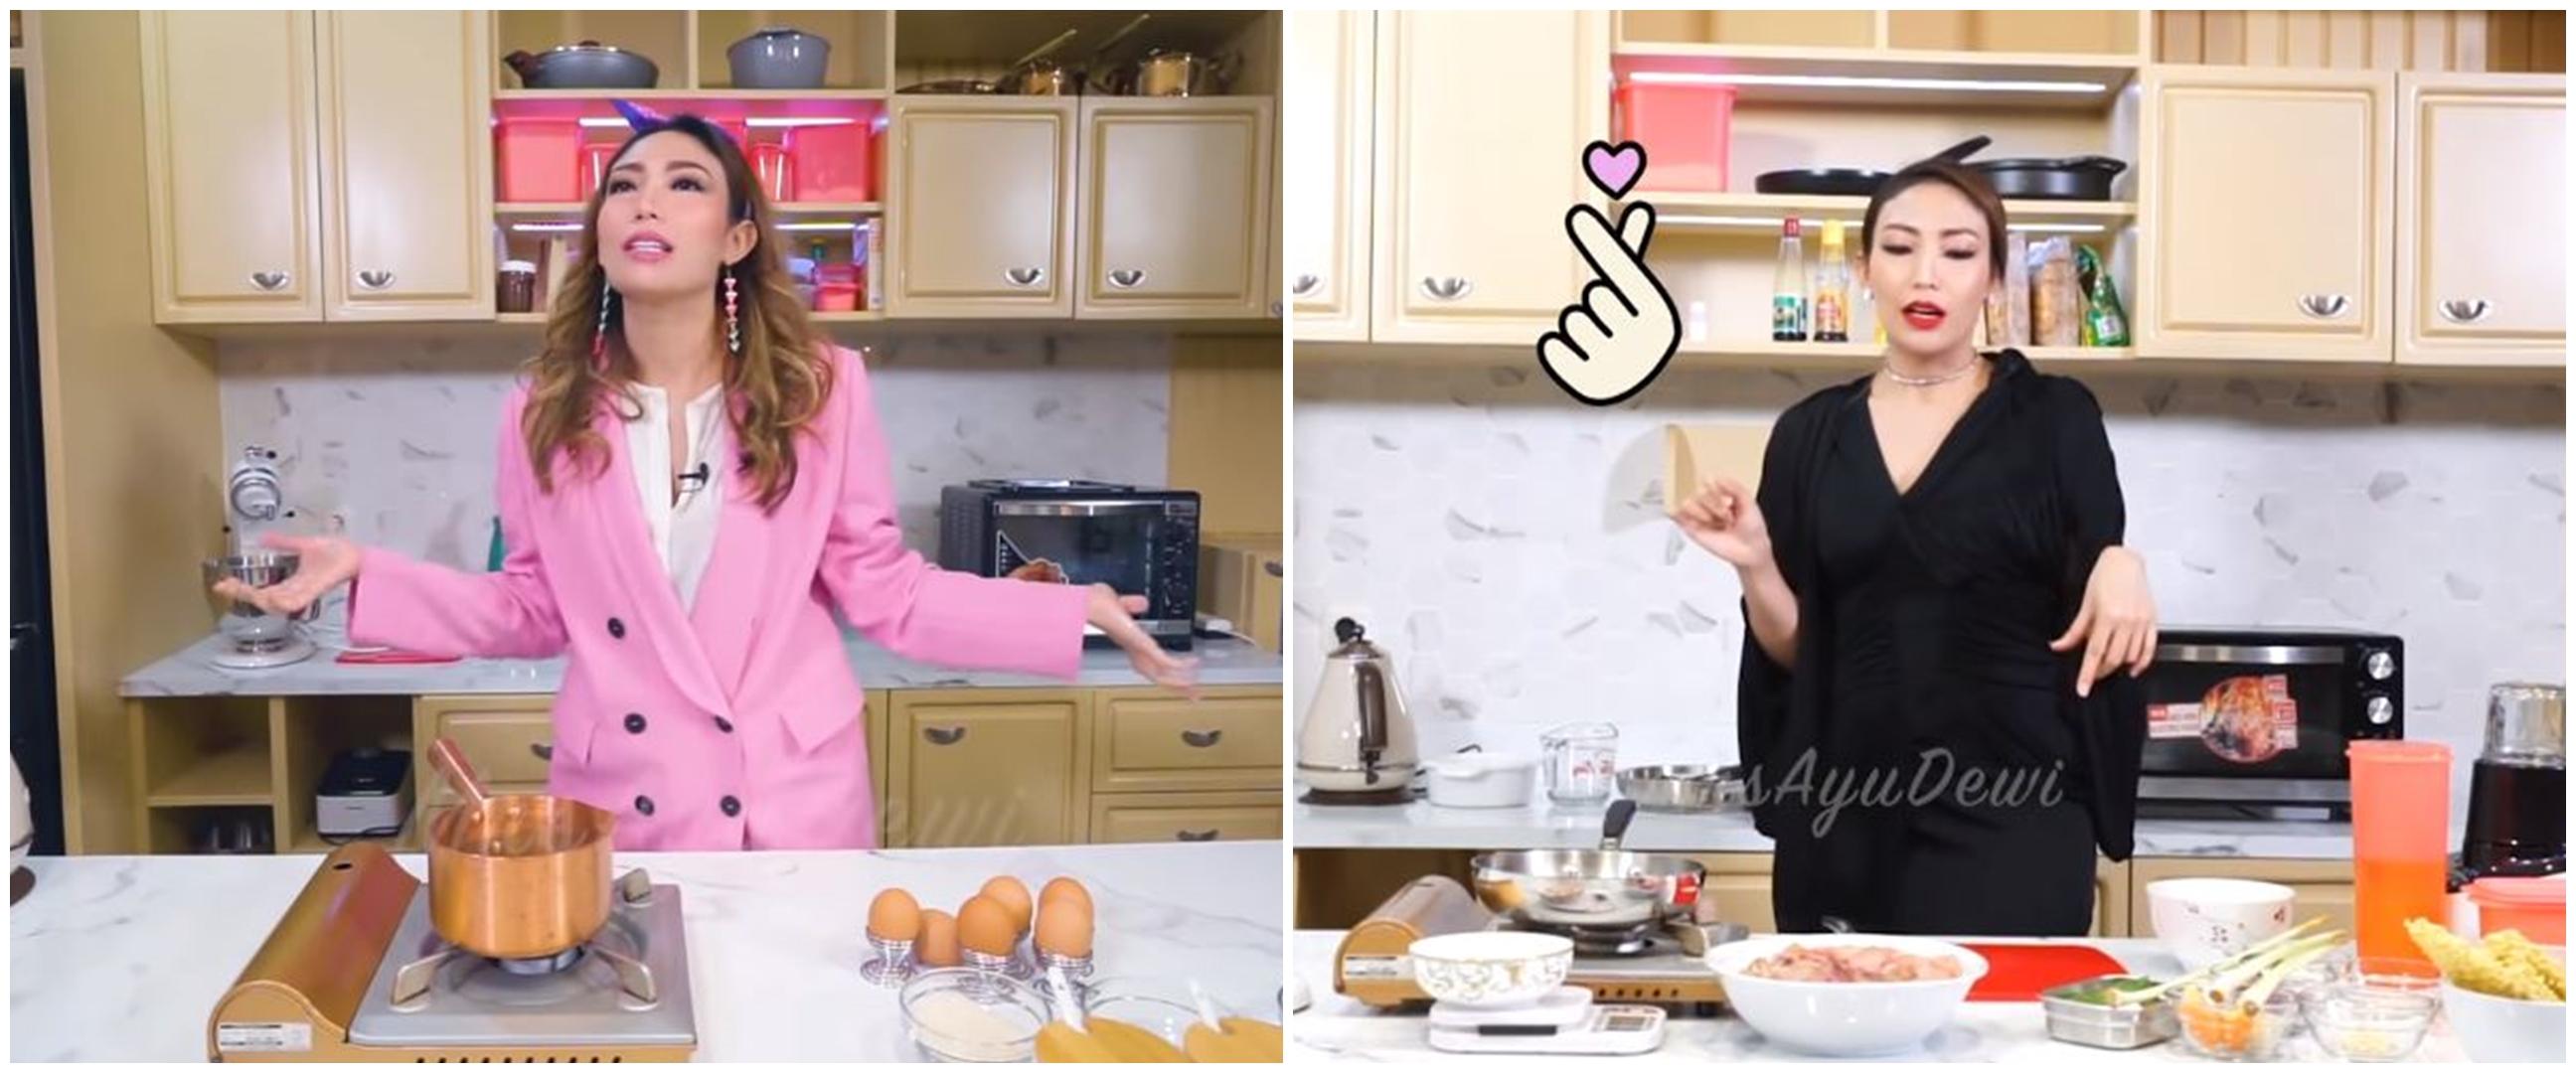 7 Gaya Ayu Dewi masak selama di rumah, modis dan full makeup